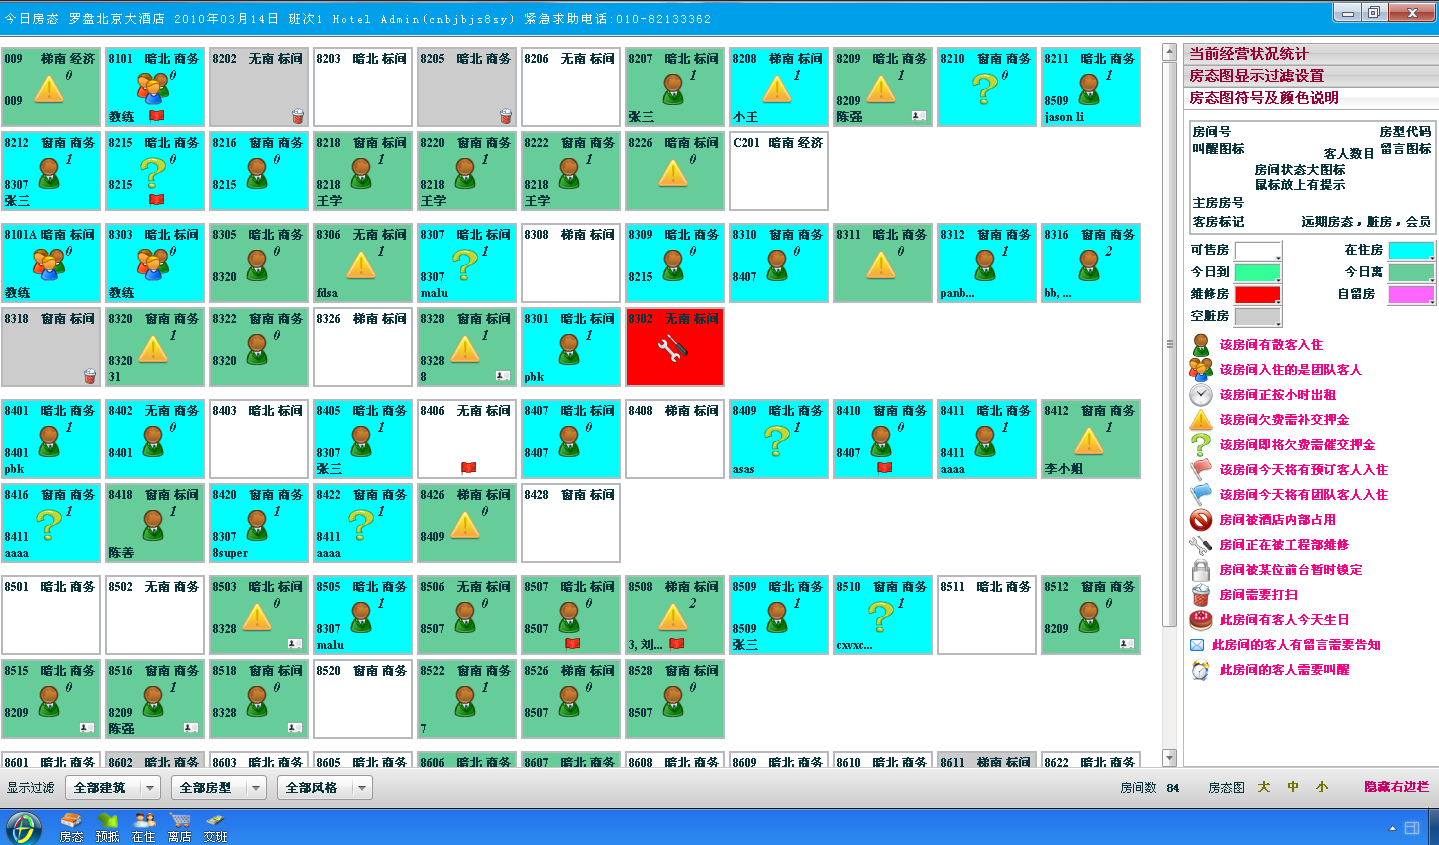 IPMS云计算酒店管理系统截图